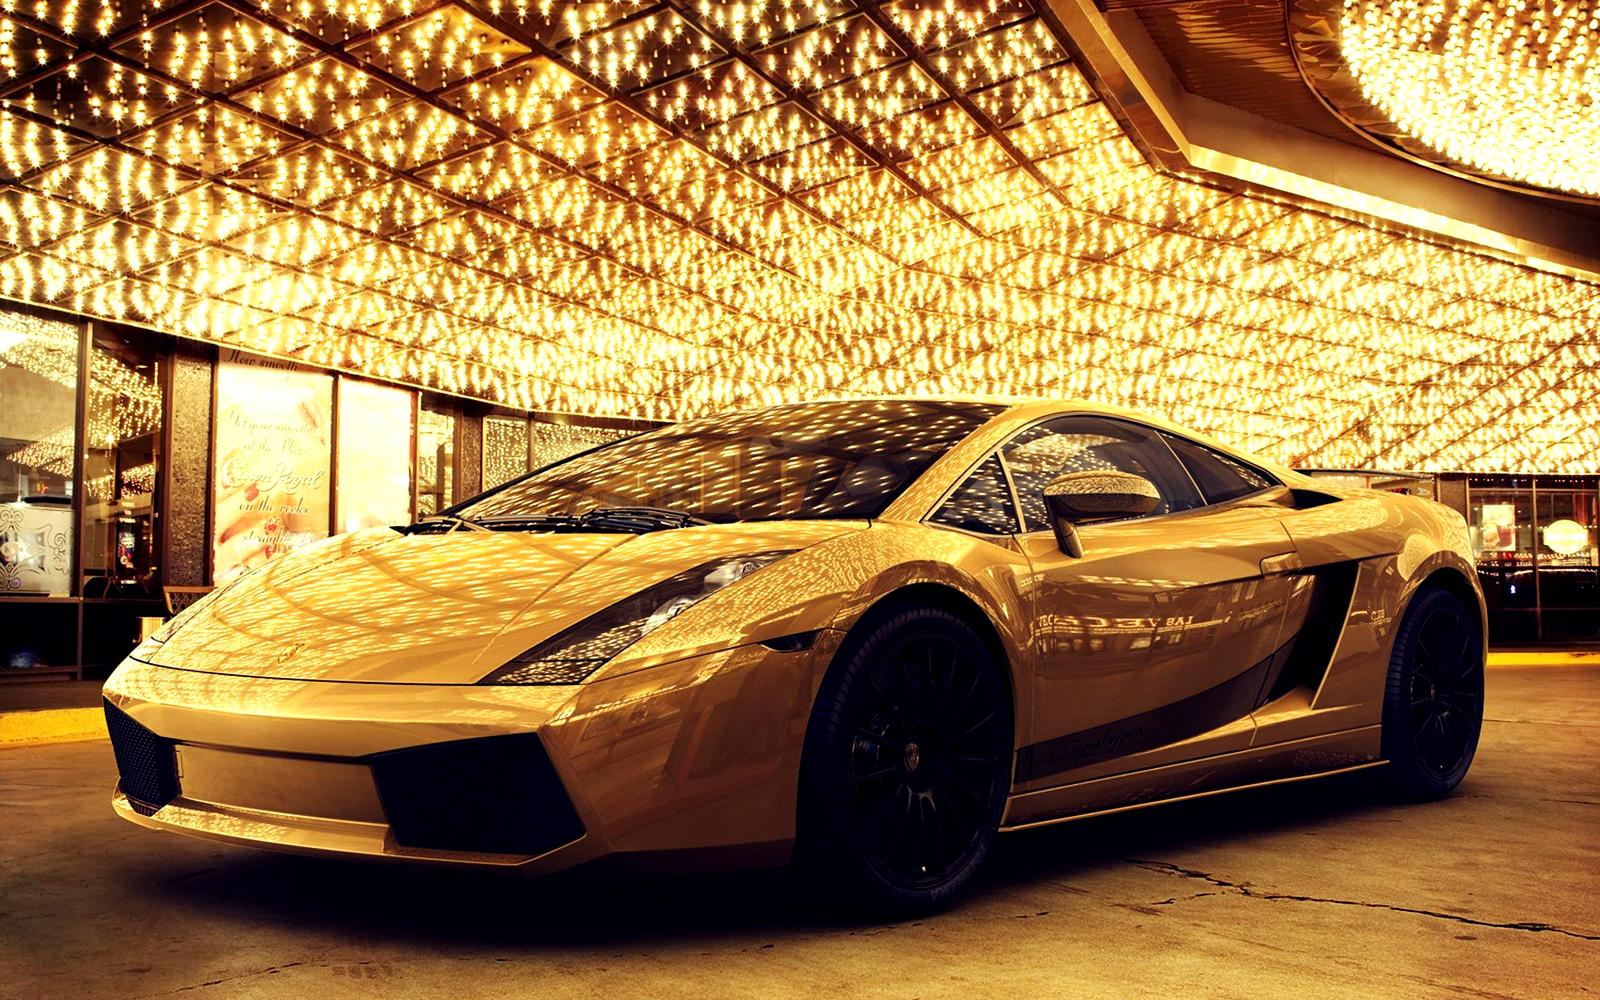 1600x1000px Gold Lambo Wallpapers Wallpapersafari